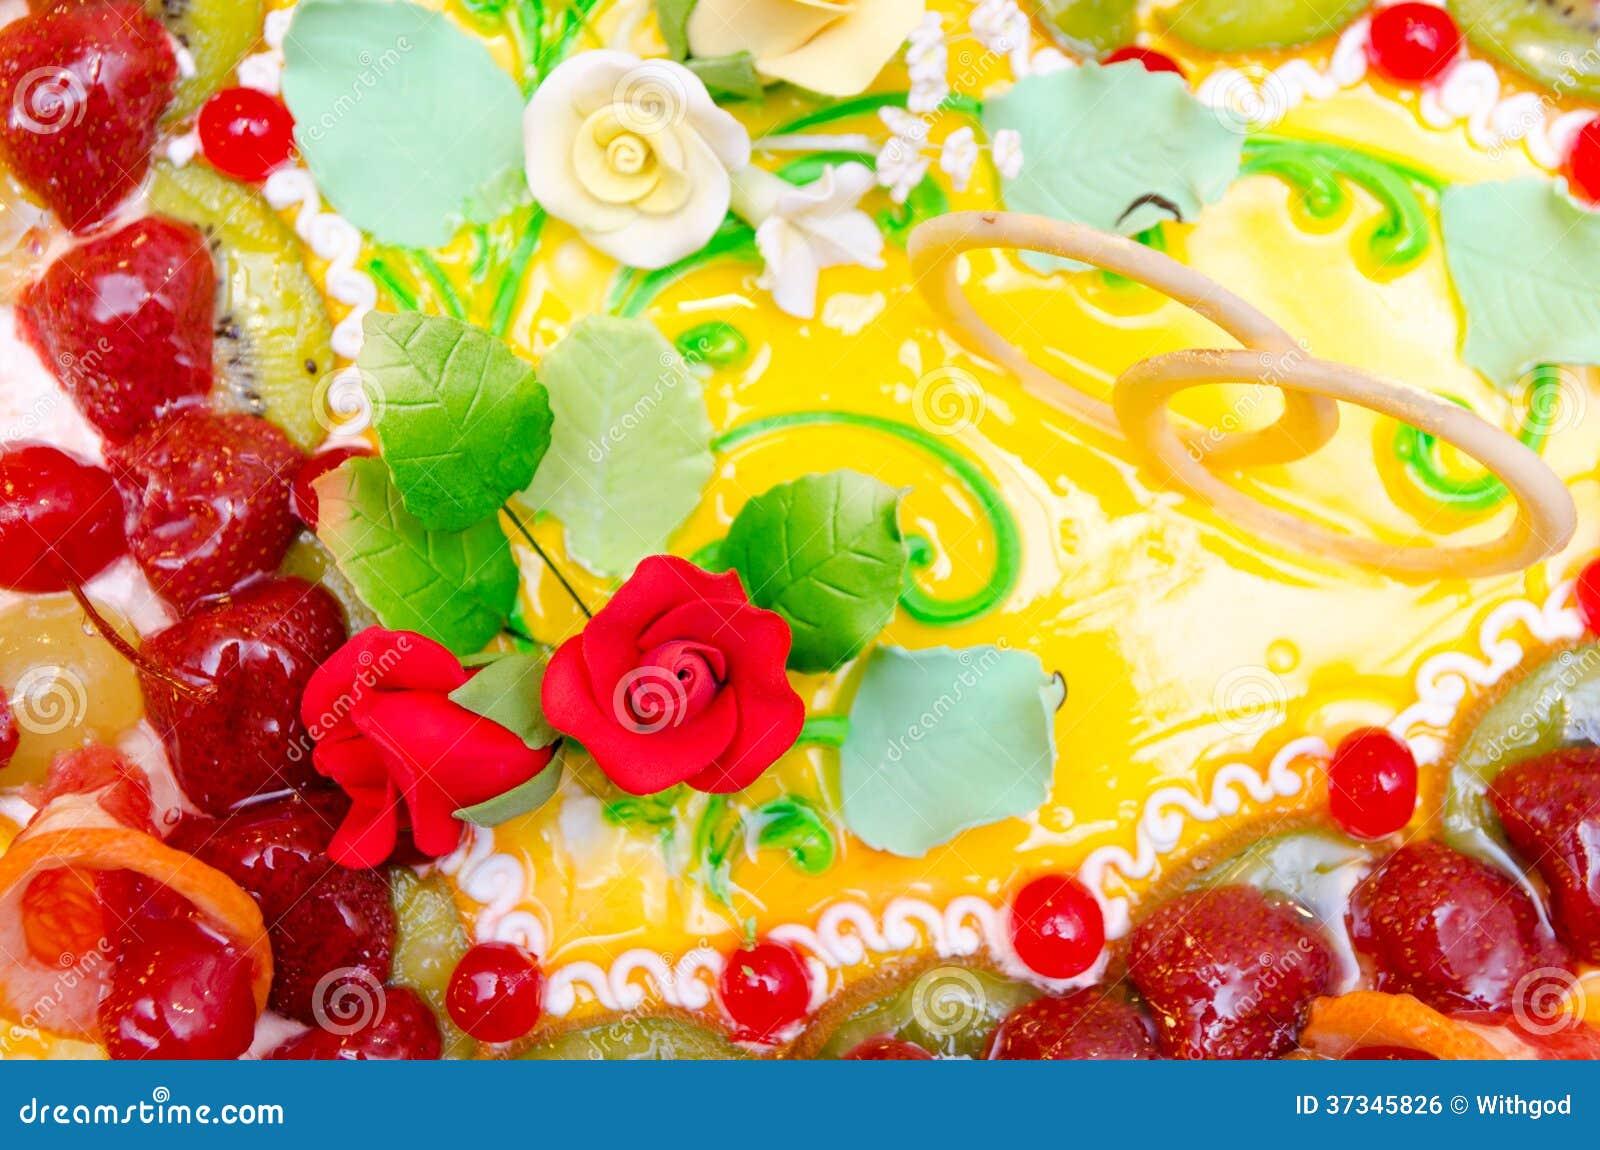 Bröllopstårta closeup